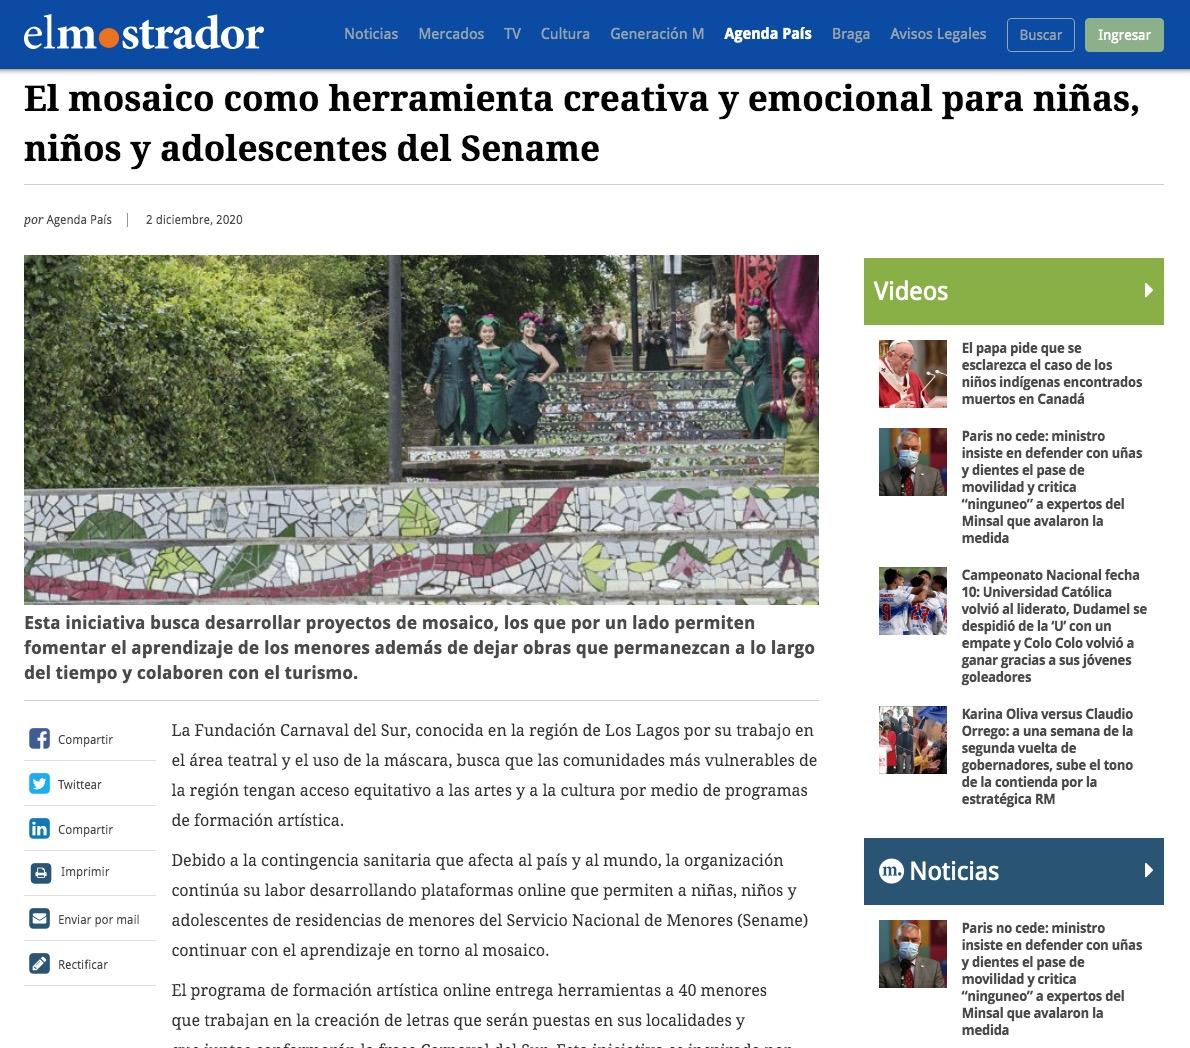 El mosaico como herramienta creativa y emocional para niñas, niños y adolescentes del Sename